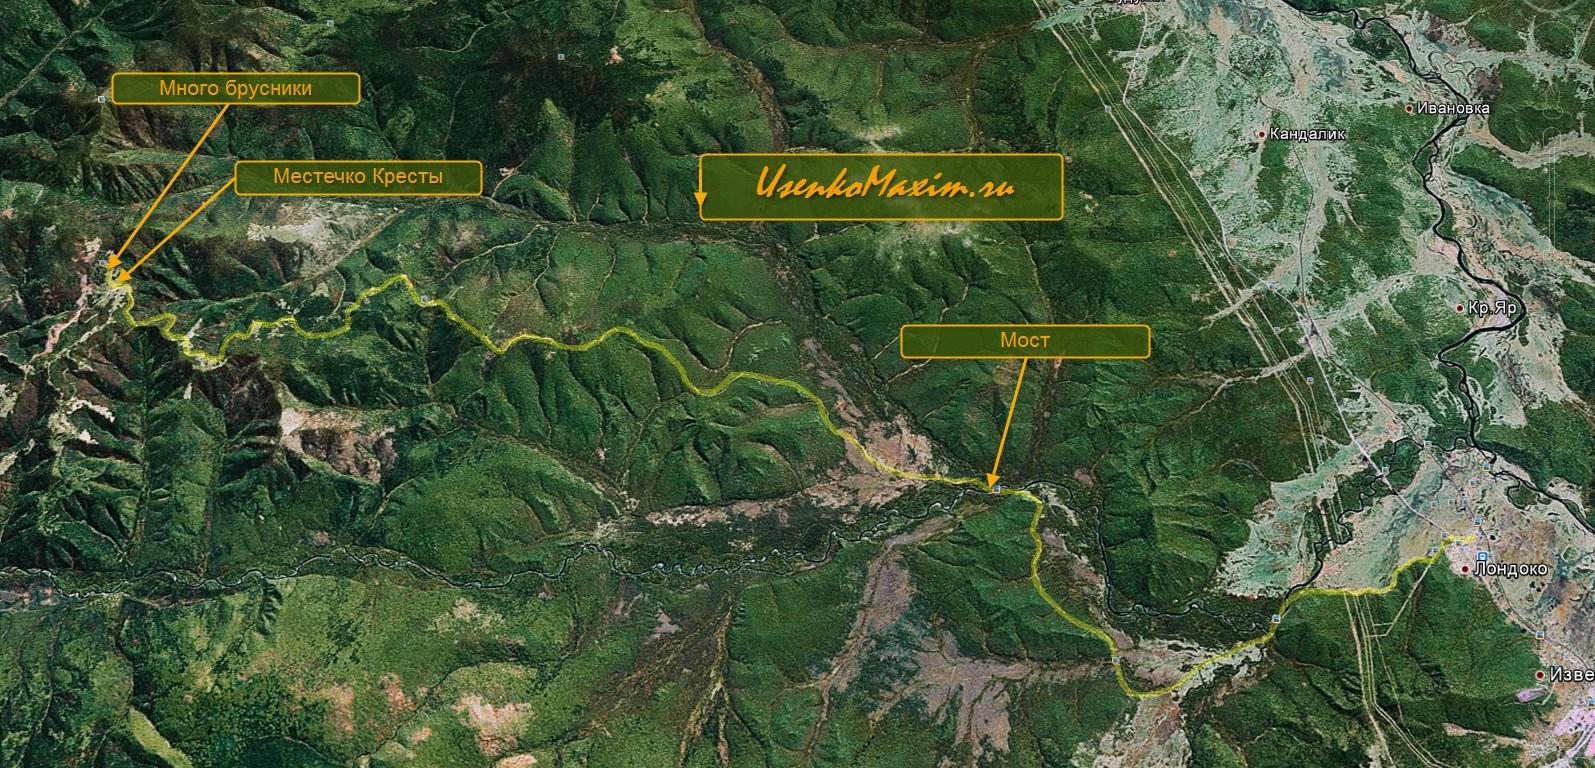 Карта-схема веломаршрута Лондоко